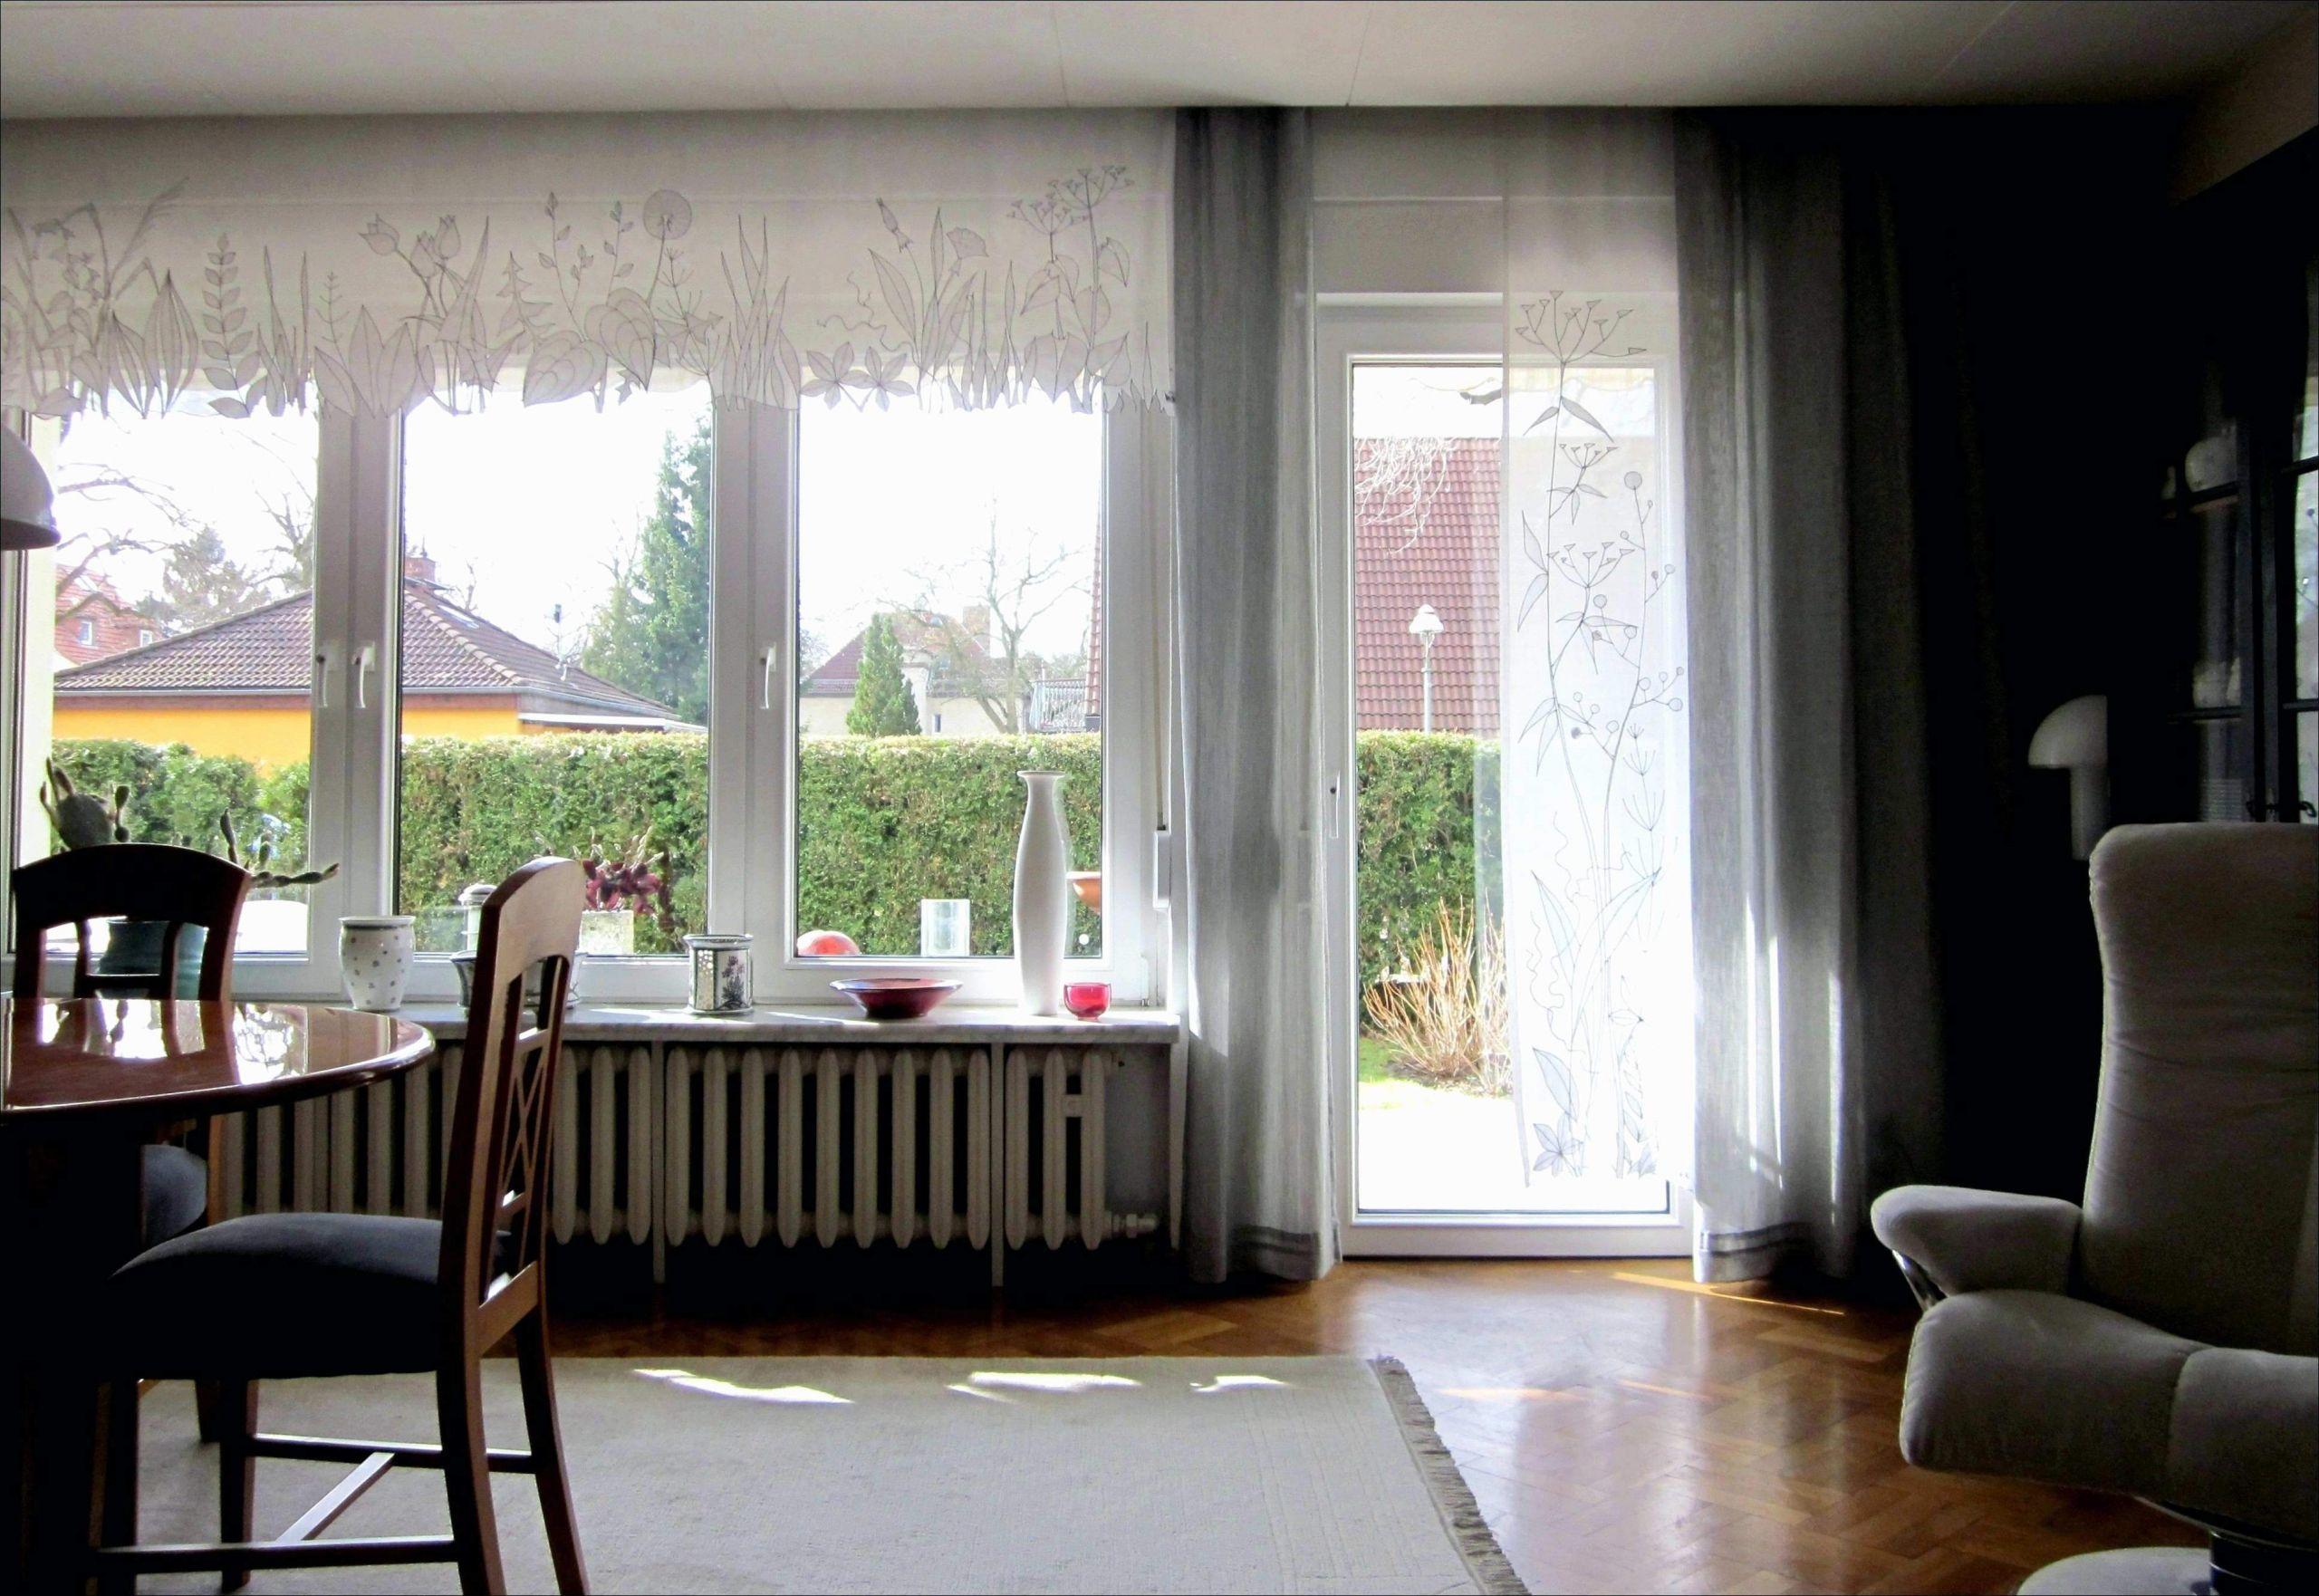 Full Size of Wohnzimmer Gardine Frisch Gardinen Katalog Luxus 59 Fliegengitter Fenster Maßanfertigung Marken Standardmaße Reinigen Einbruchsicherung Plissee Mit Wohnzimmer Gardinen Fenster